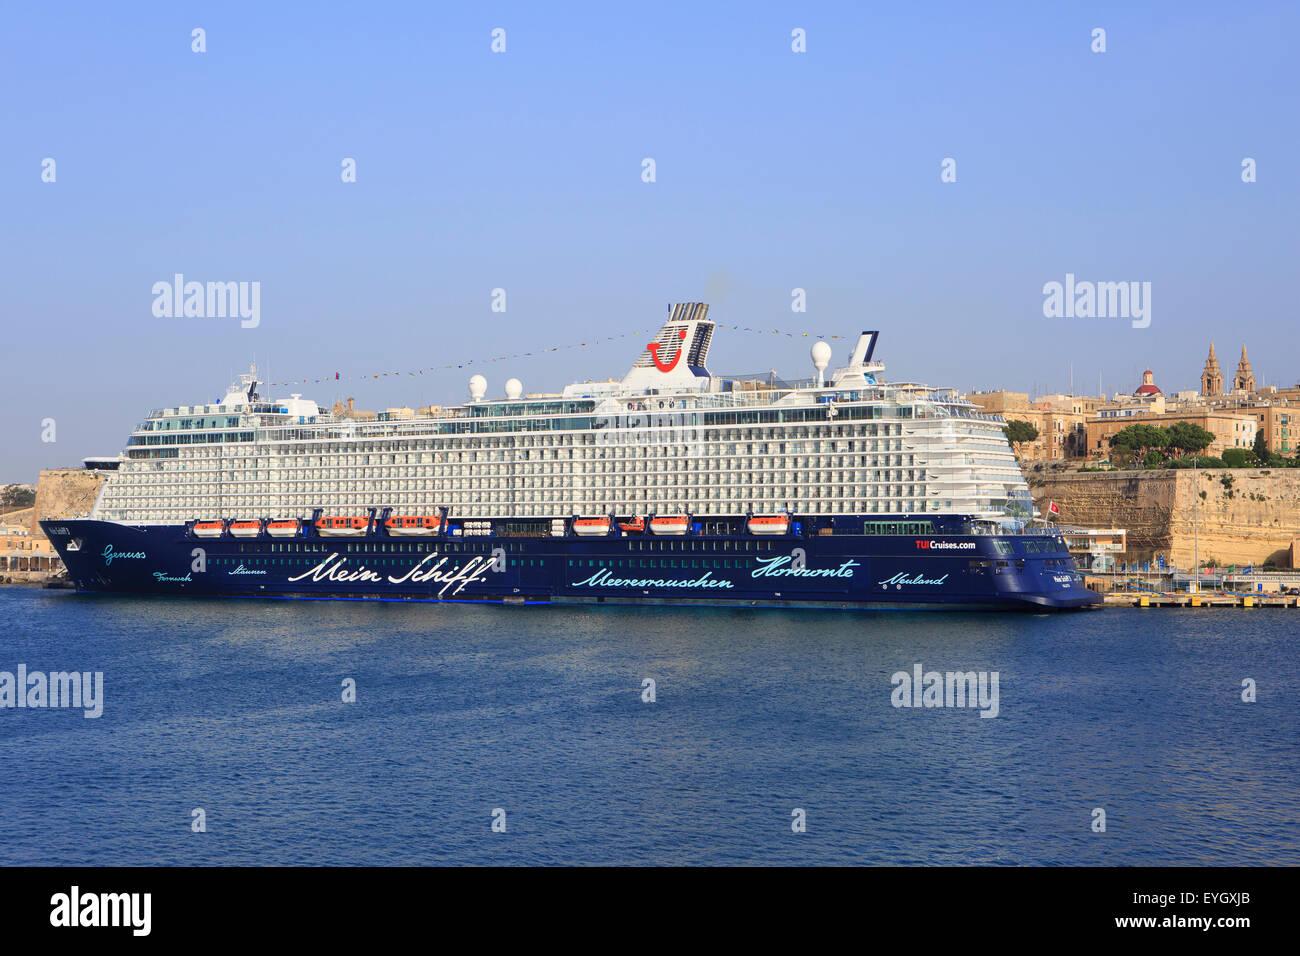 The TUI cruise ship 'Mein Schiff 3' in Valletta, Malta moored at the Riverfront in Valletta, Malta - Stock Image